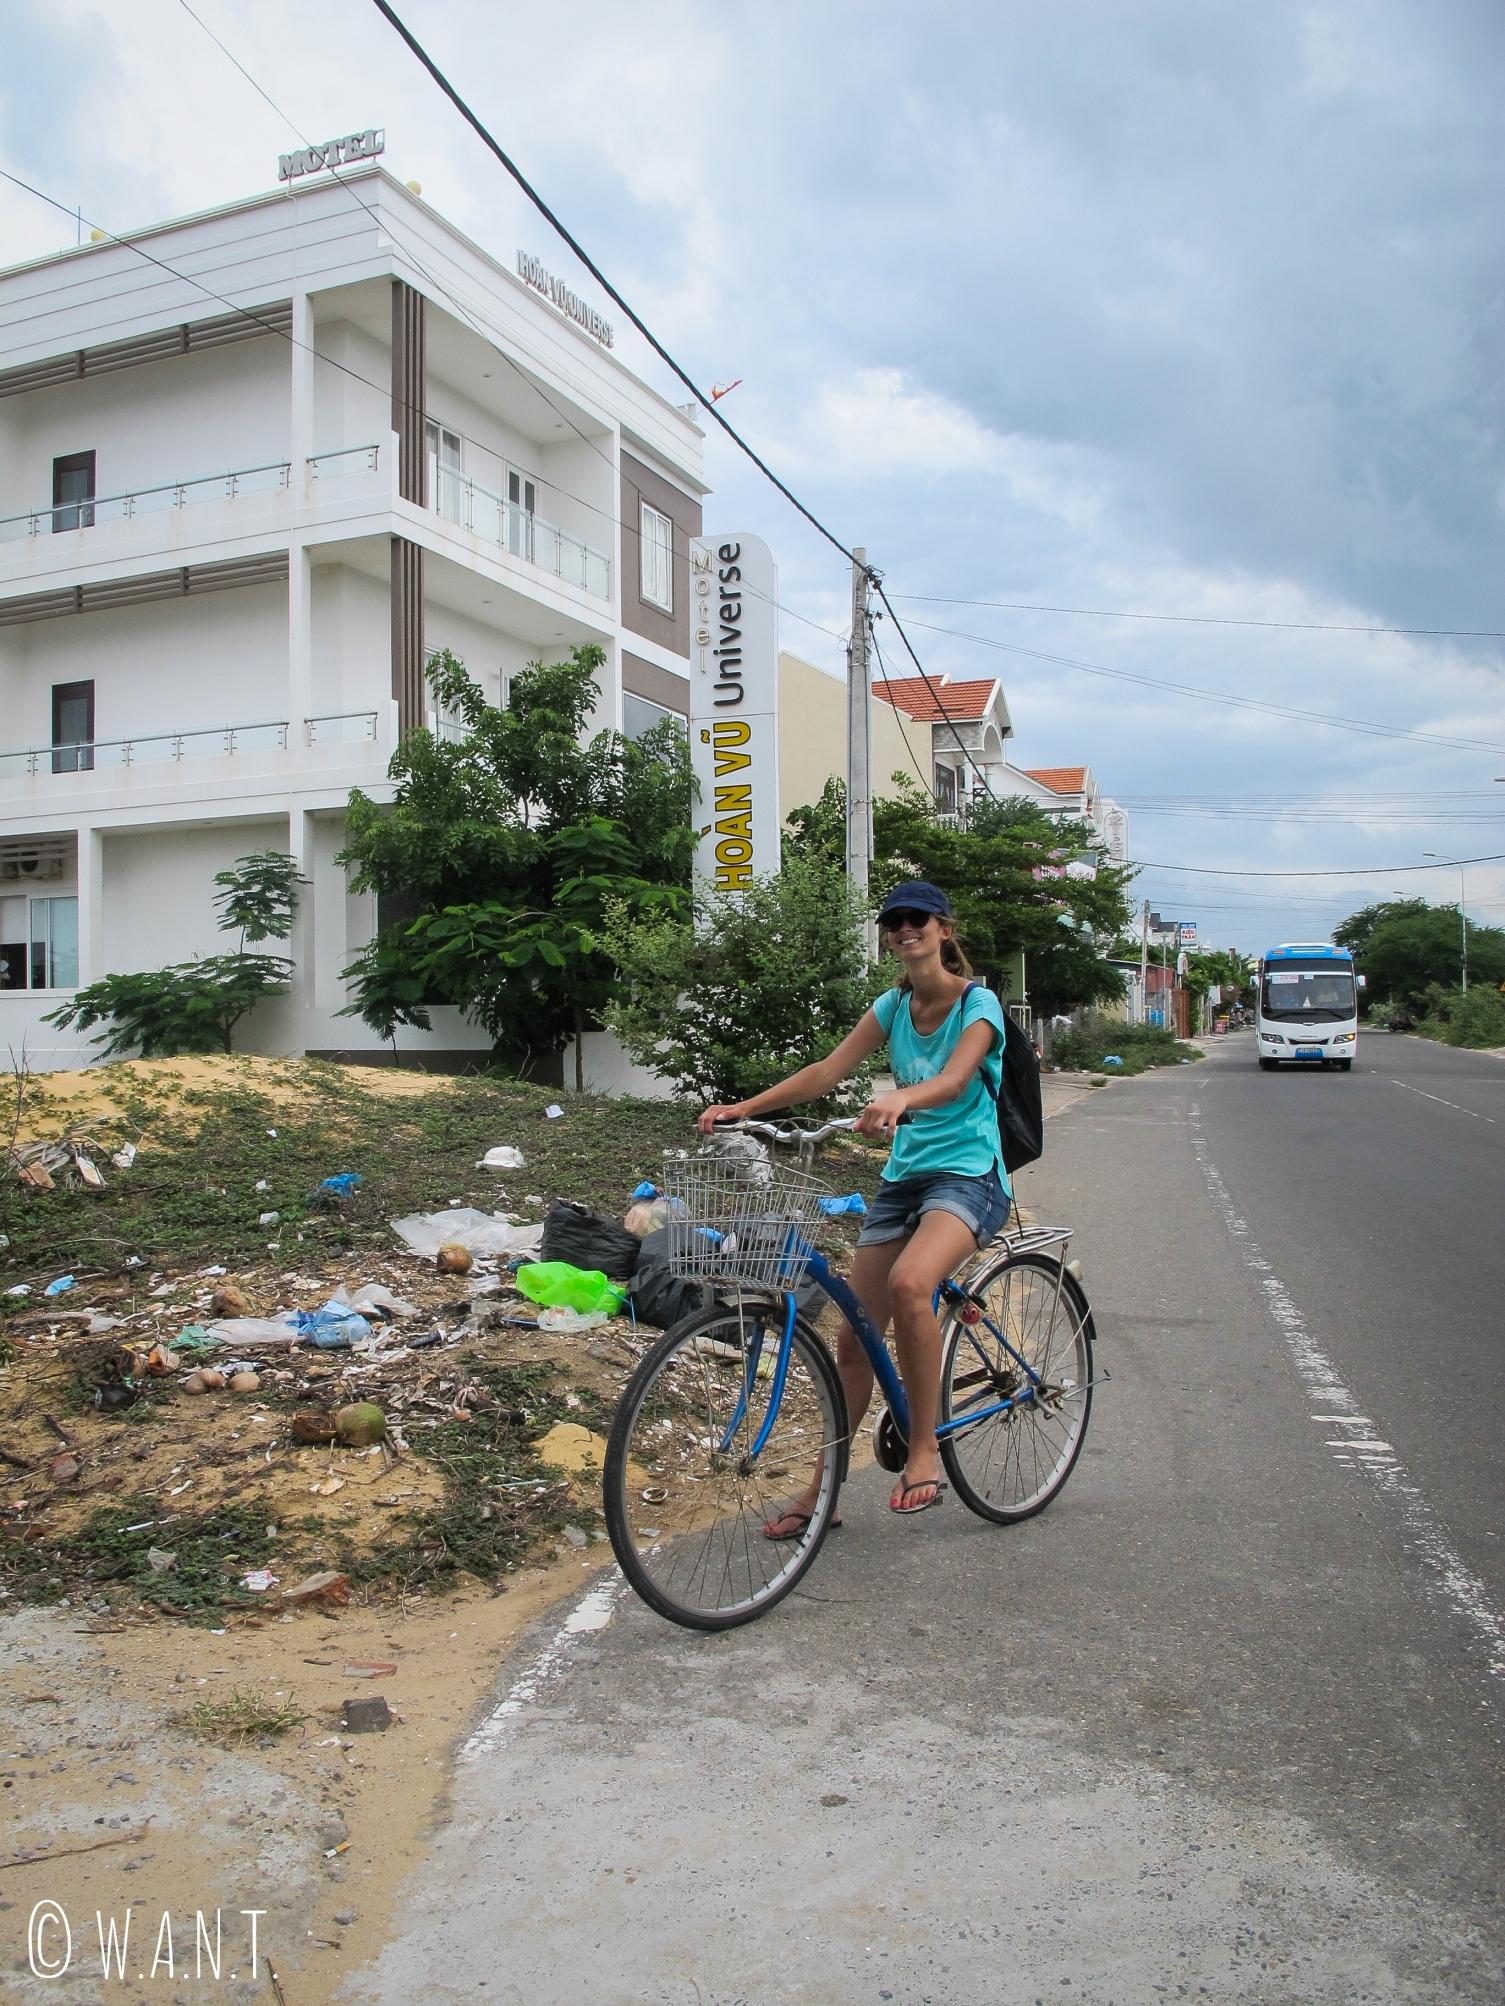 Hôtels fraîchement construits, bus et déchets sont typiques des rues de Mui Ne